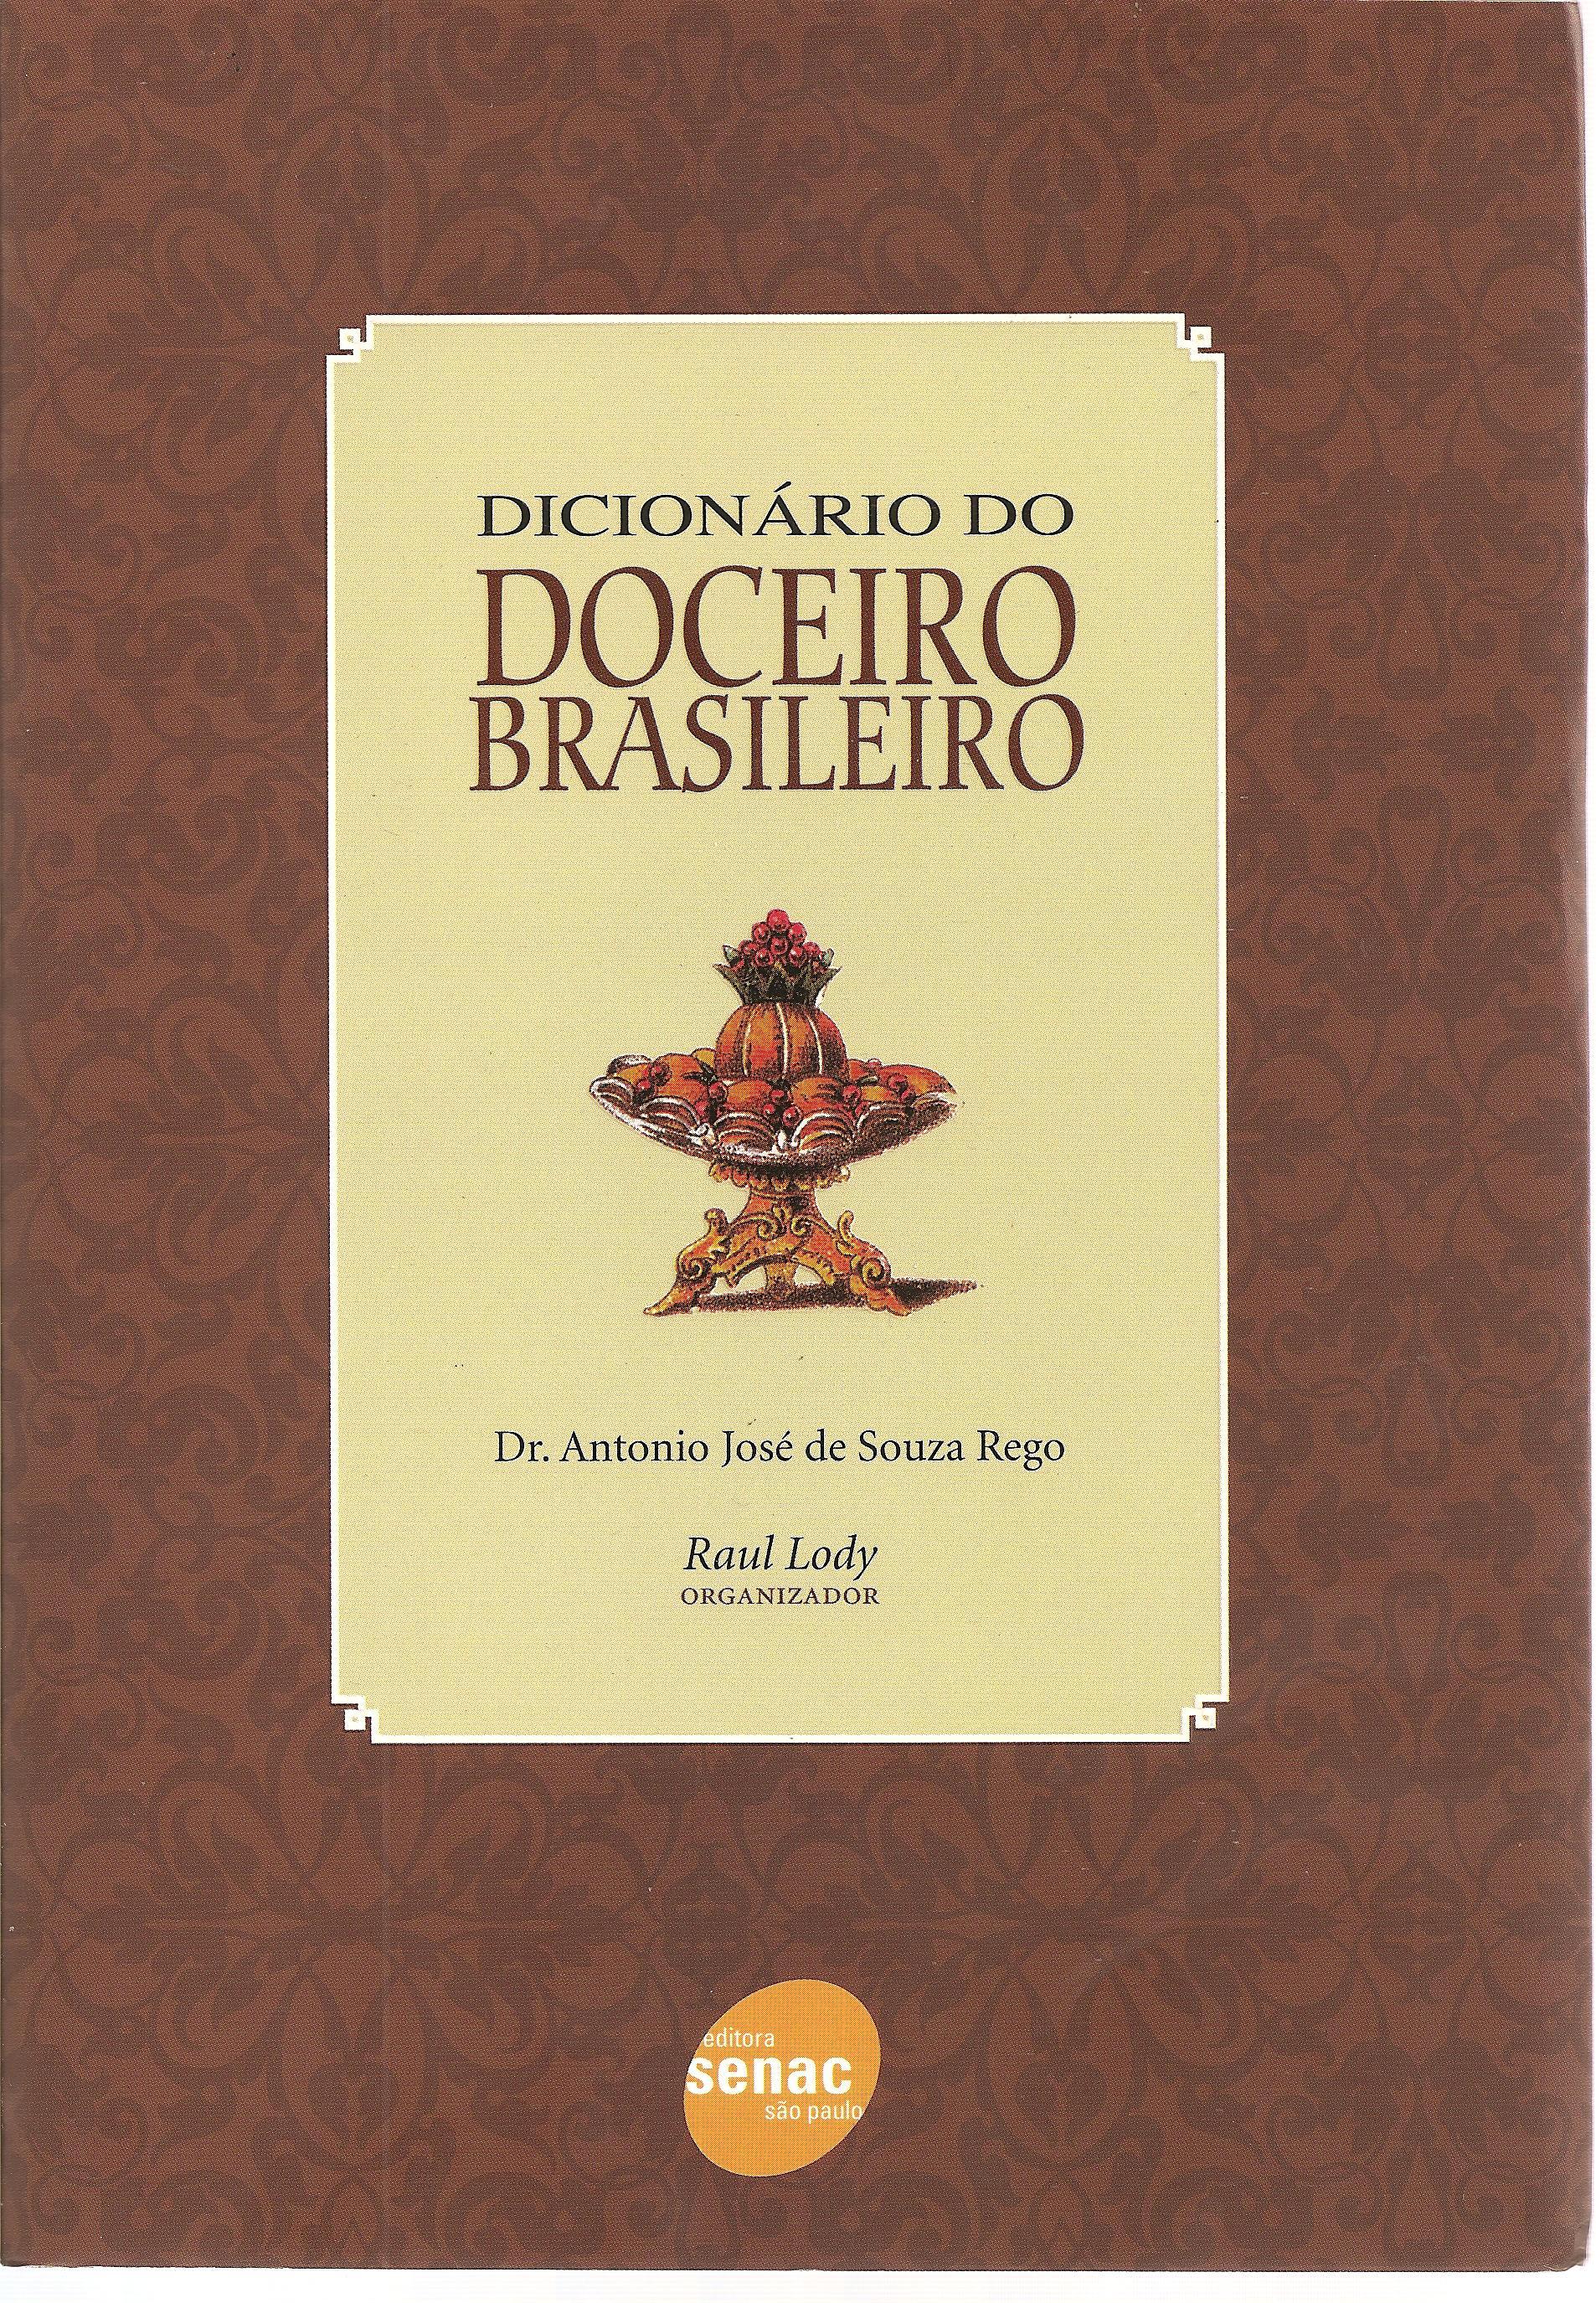 Dicionário do Doceiro Brasileiro